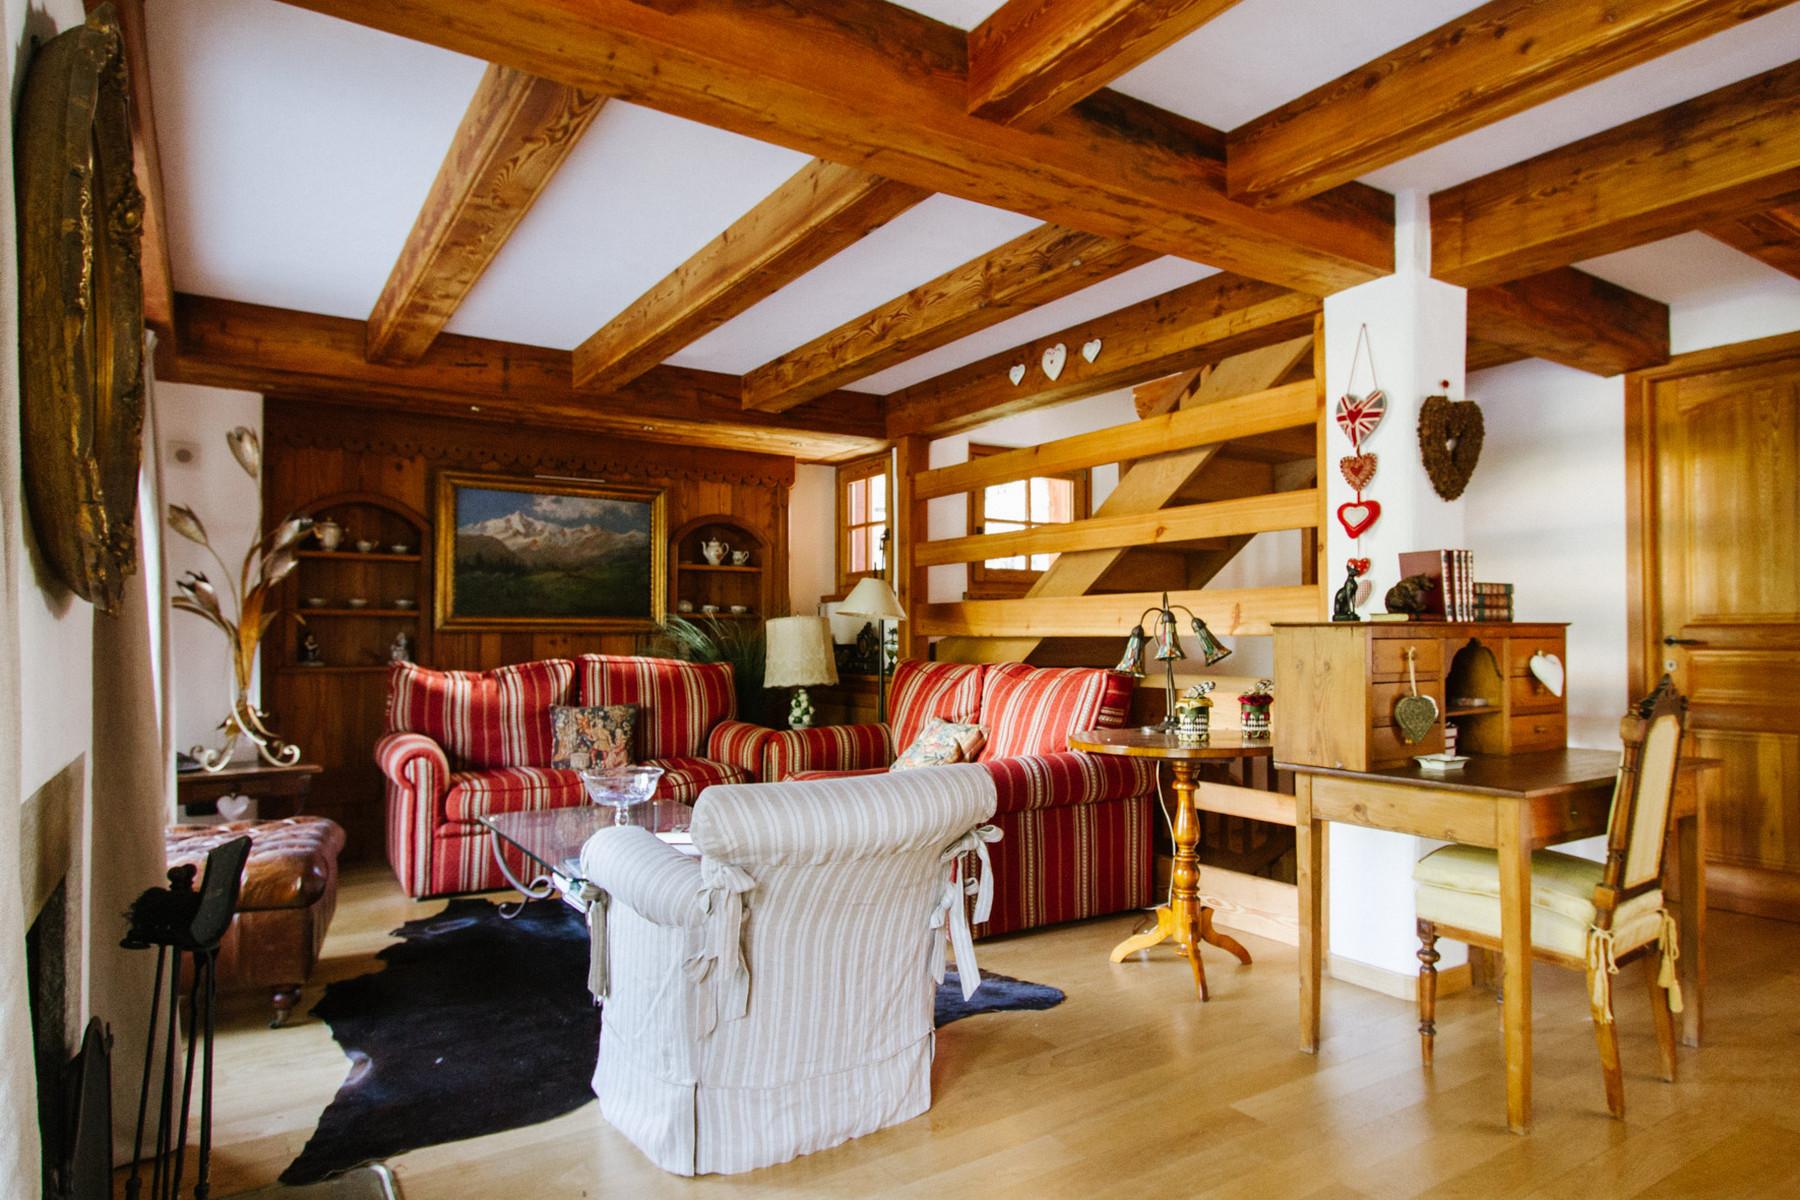 Villa in Vendita a Pre'-Saint-Didier: 5 locali, 350 mq - Foto 3